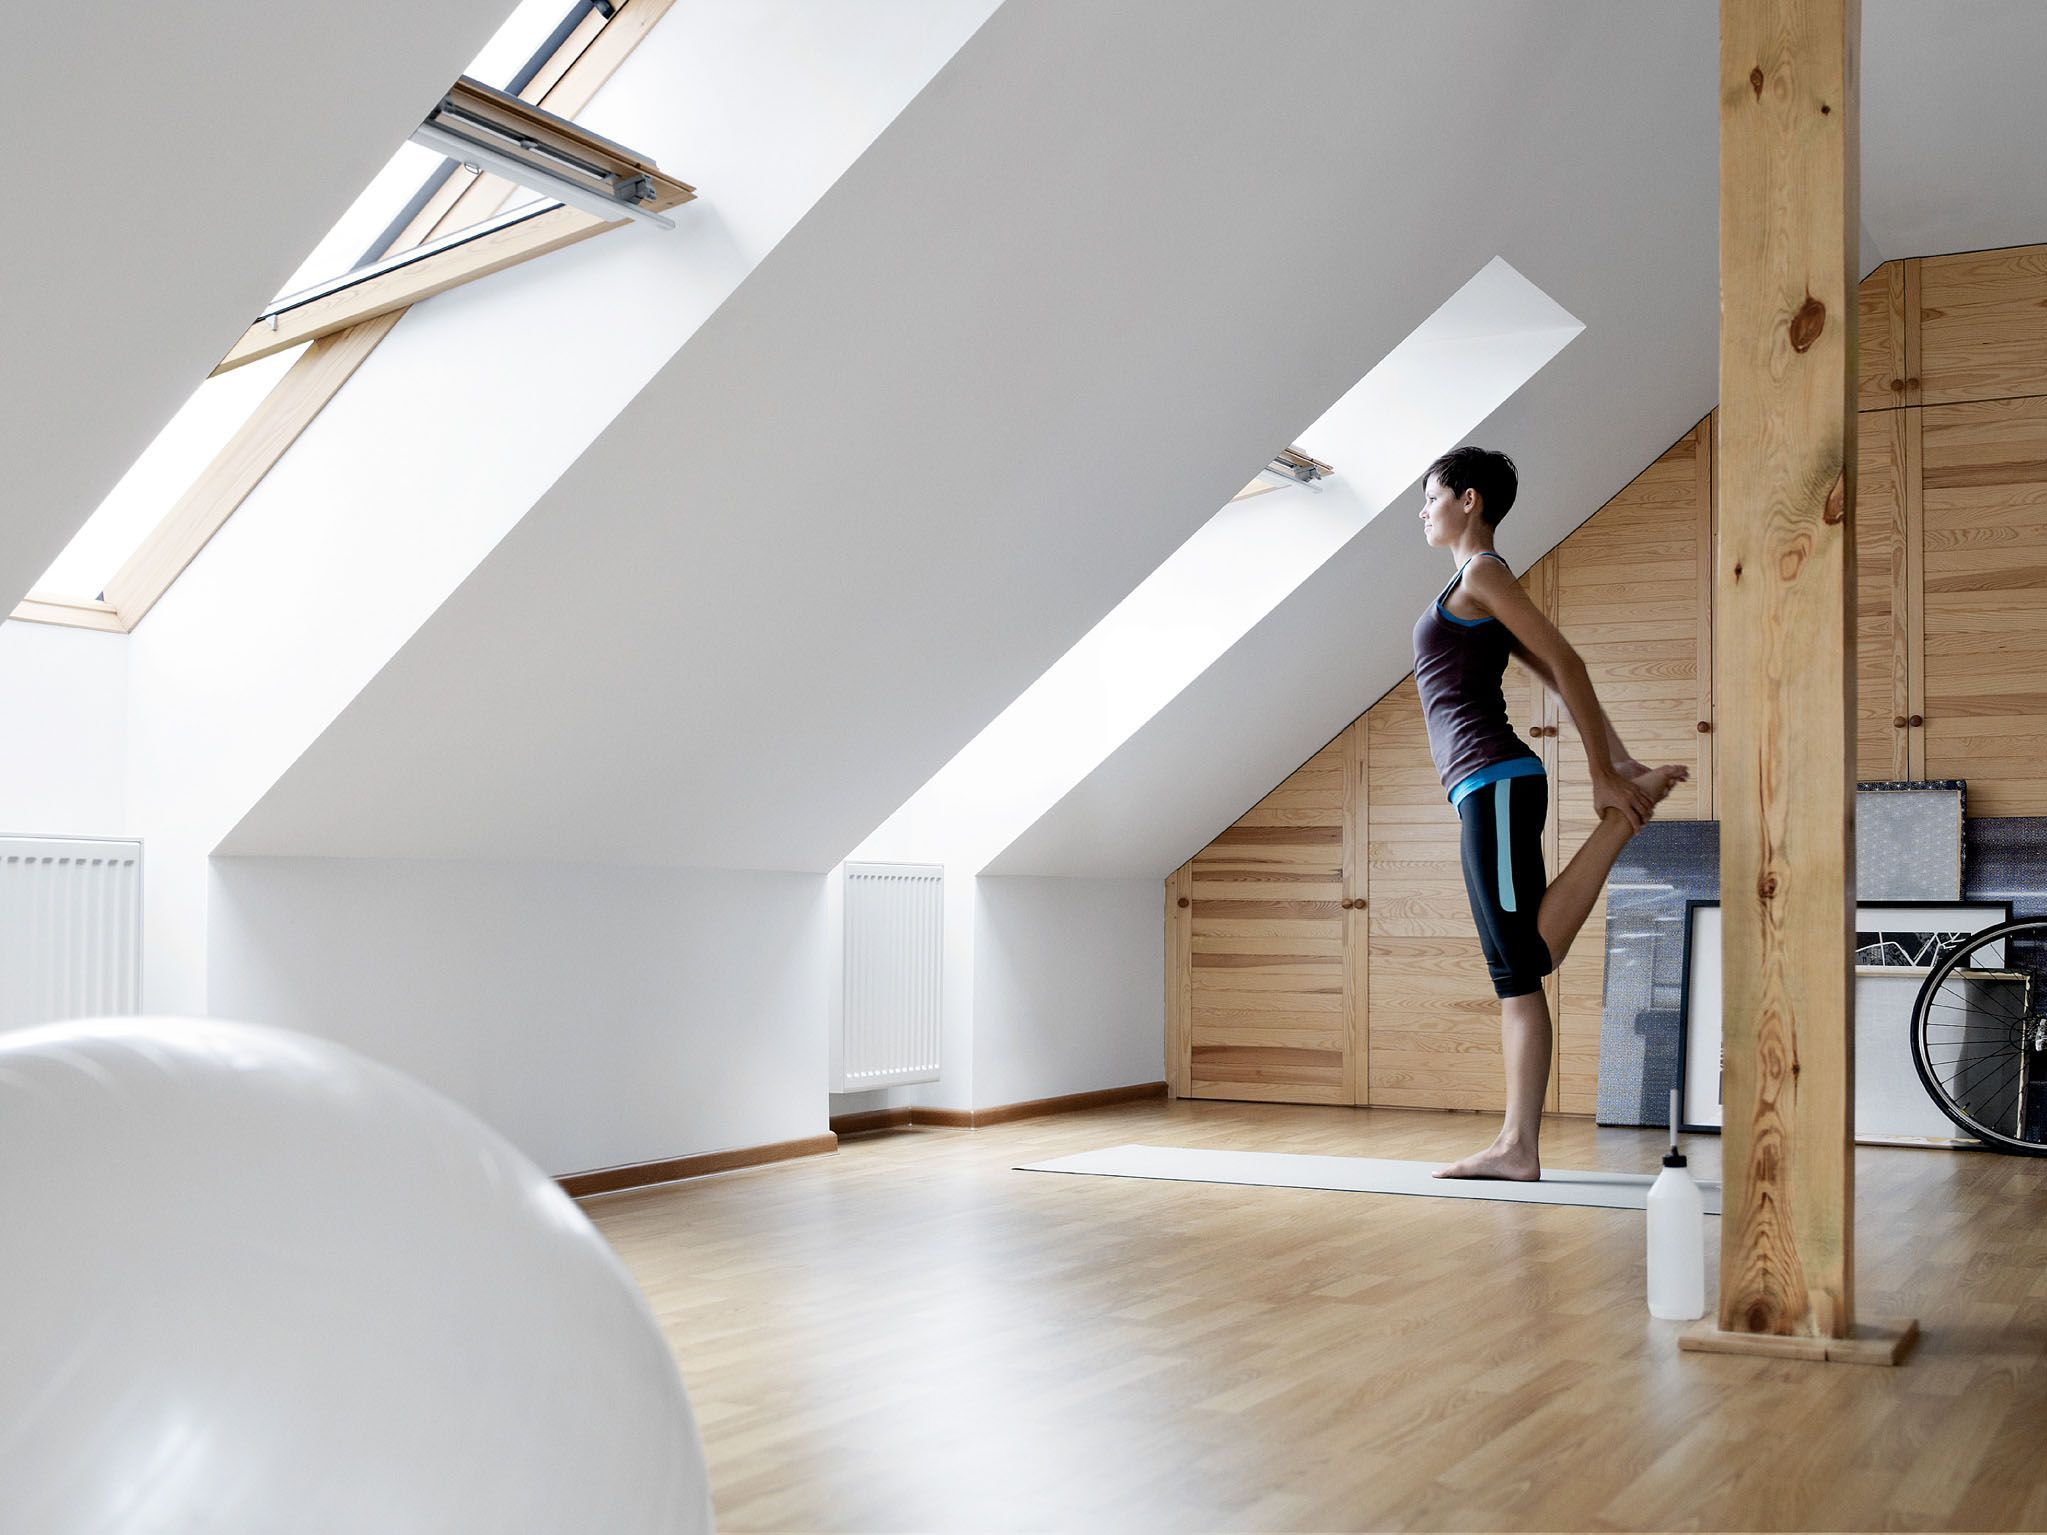 10 Genial Fotos Von Dach Wohnzimmer Ideen  Offene bäder, Bad kamin